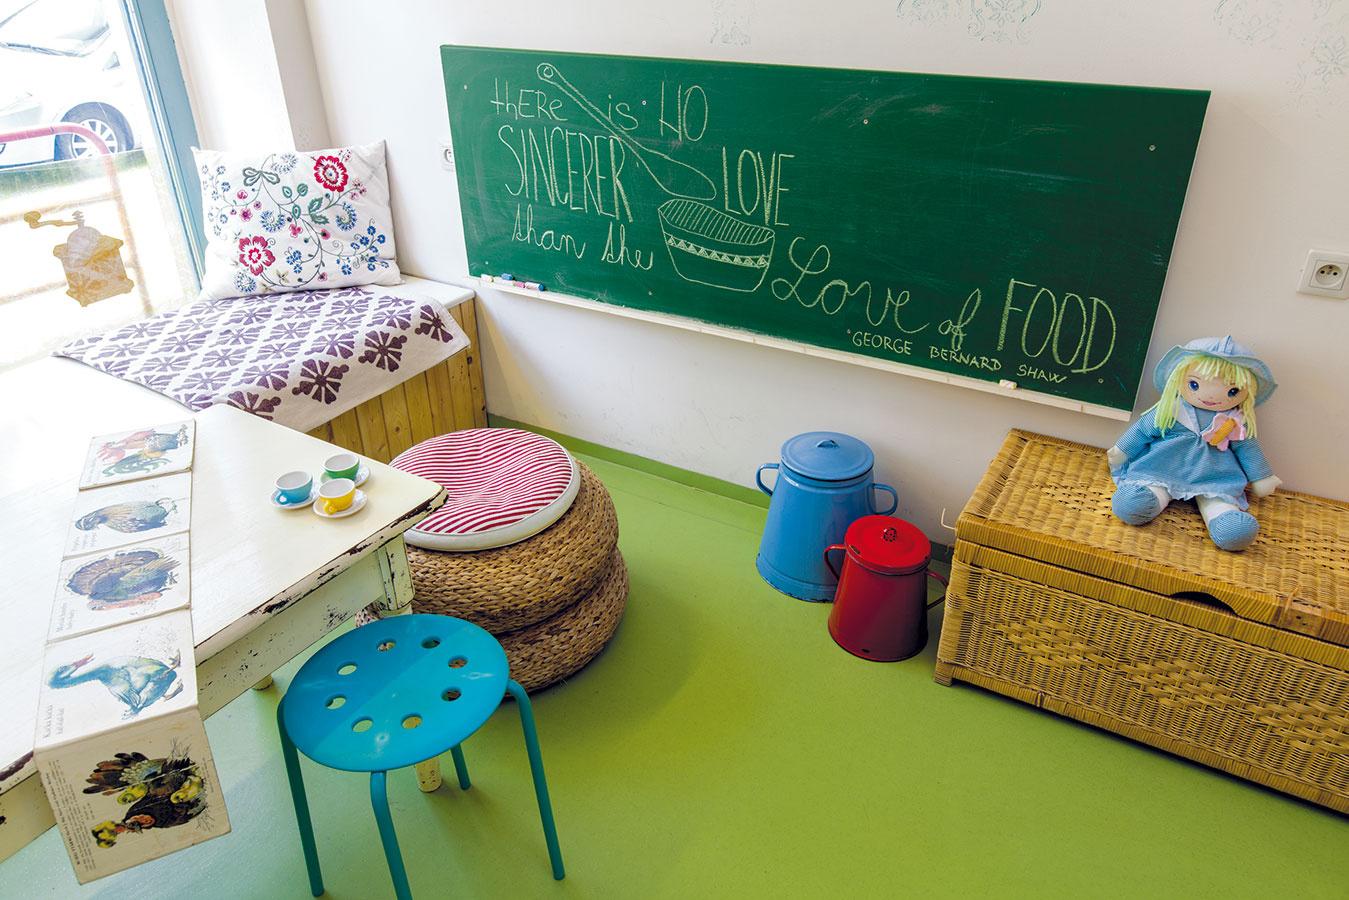 Zadná miestnosť ponúka aj šikovný priestor, ktorý vás môže inšpirovať pri zariaďovaní detskej izby. Tradičnú tabuľu ocenia všetky deti, pevnejšia prútená truhlica nahradí plastové kontajnery a môže plniť aj funkciu občasného sedenia.